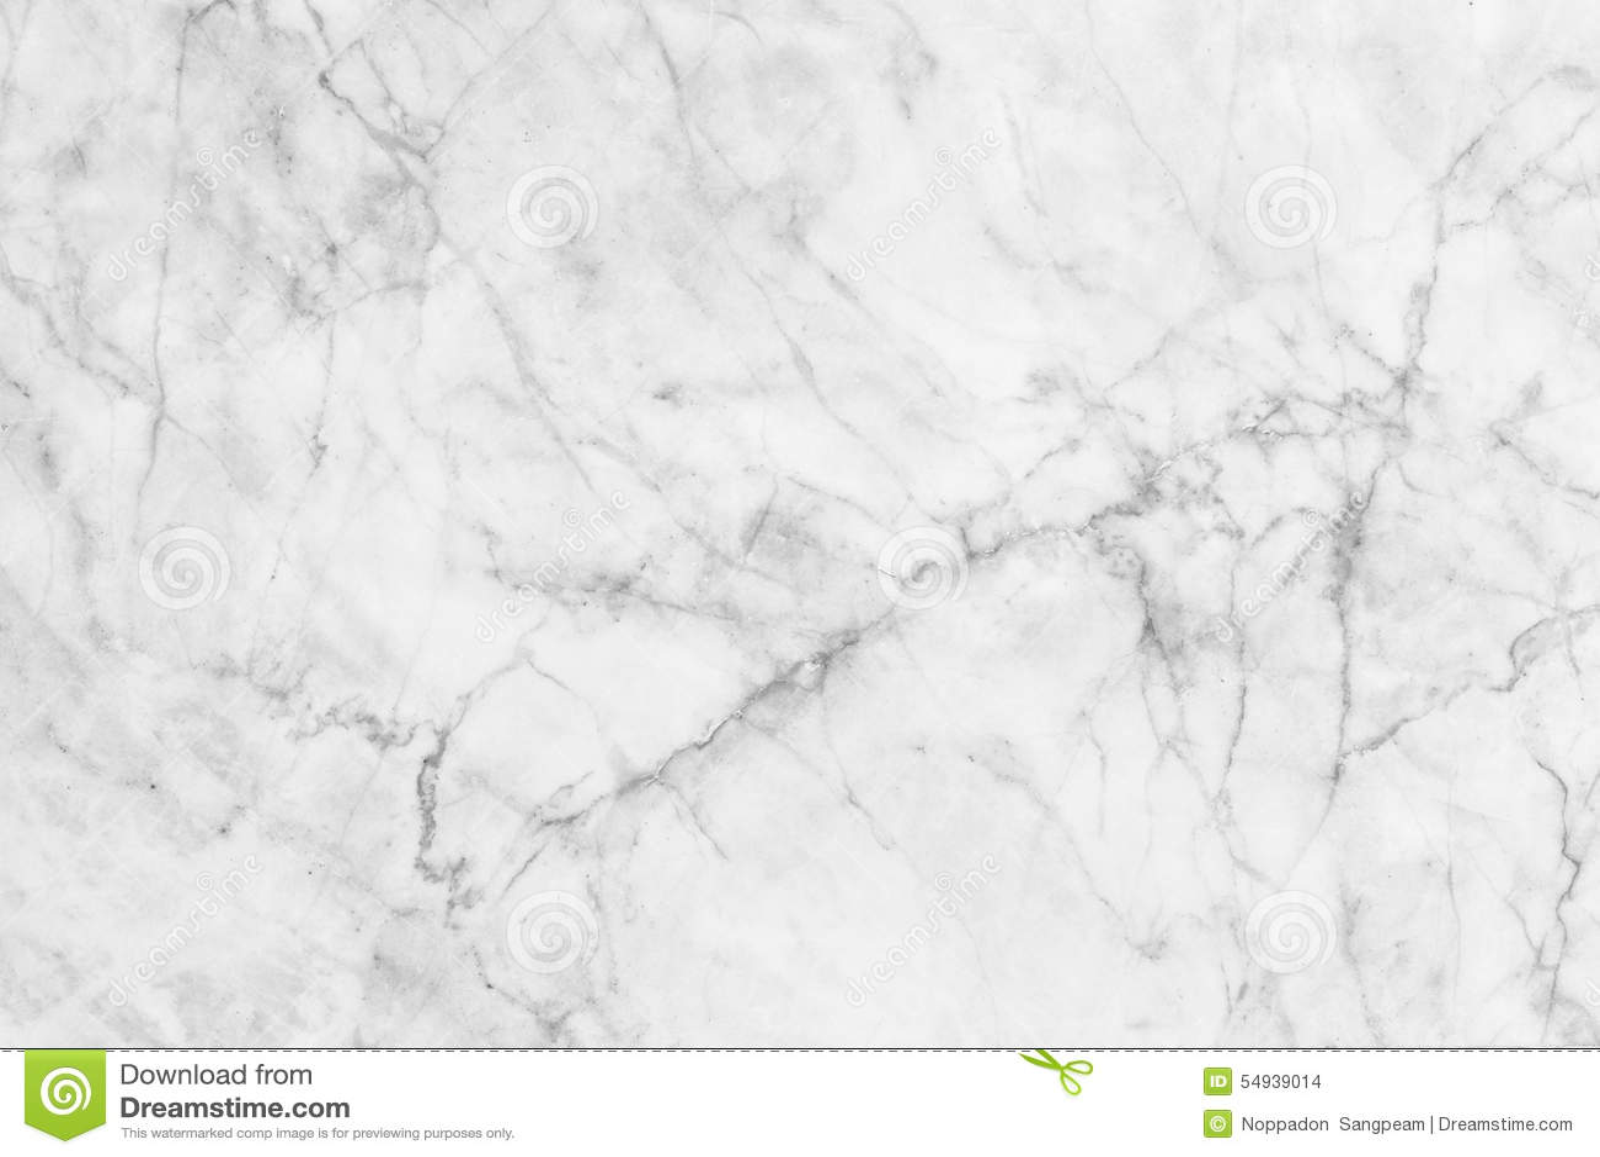 Witte Marmer Gevormde Textuurachtergrond Het Marmer Van